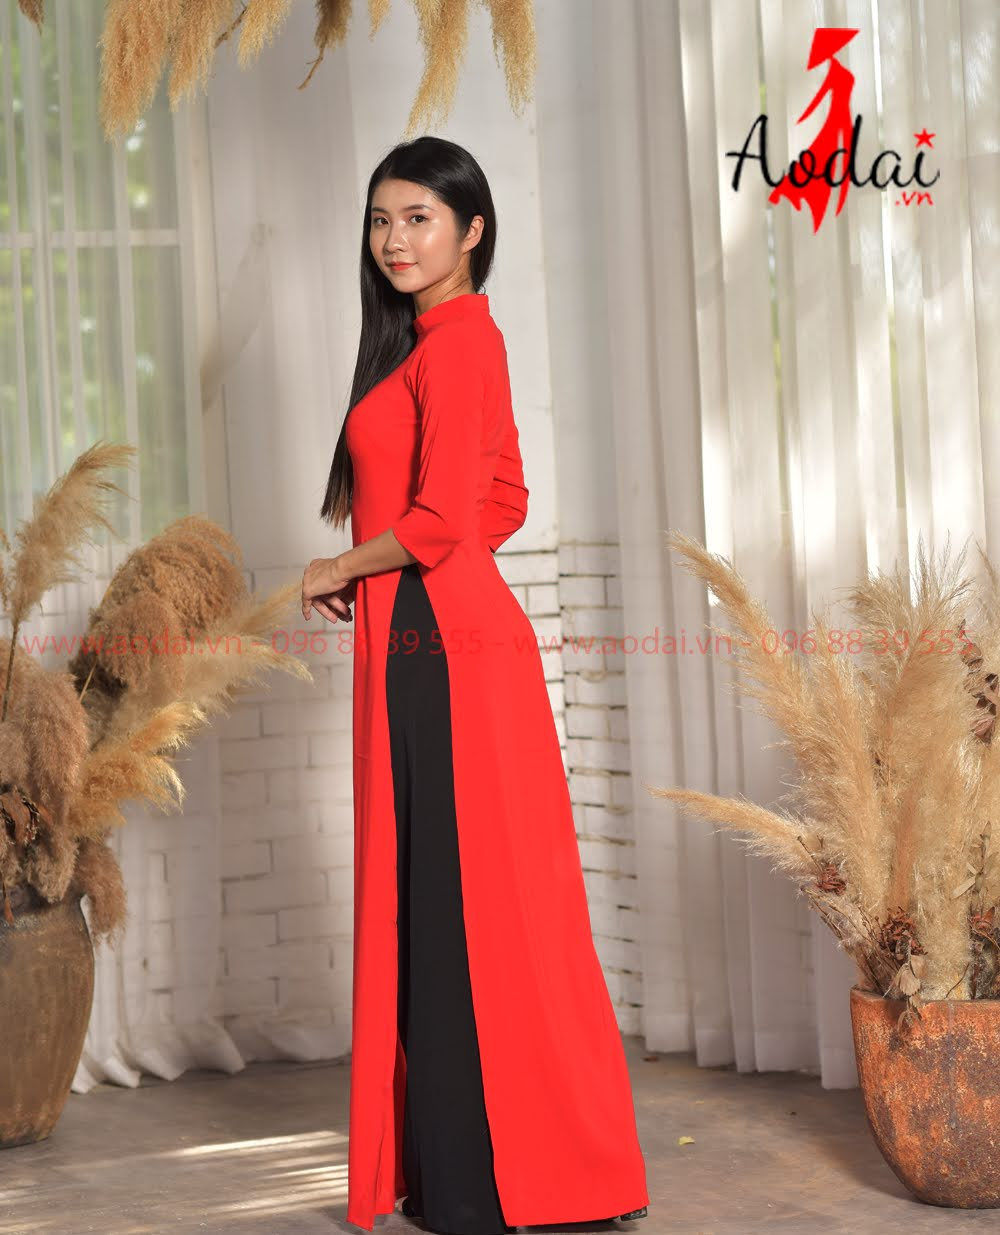 In áo dài tại Ninh Bình